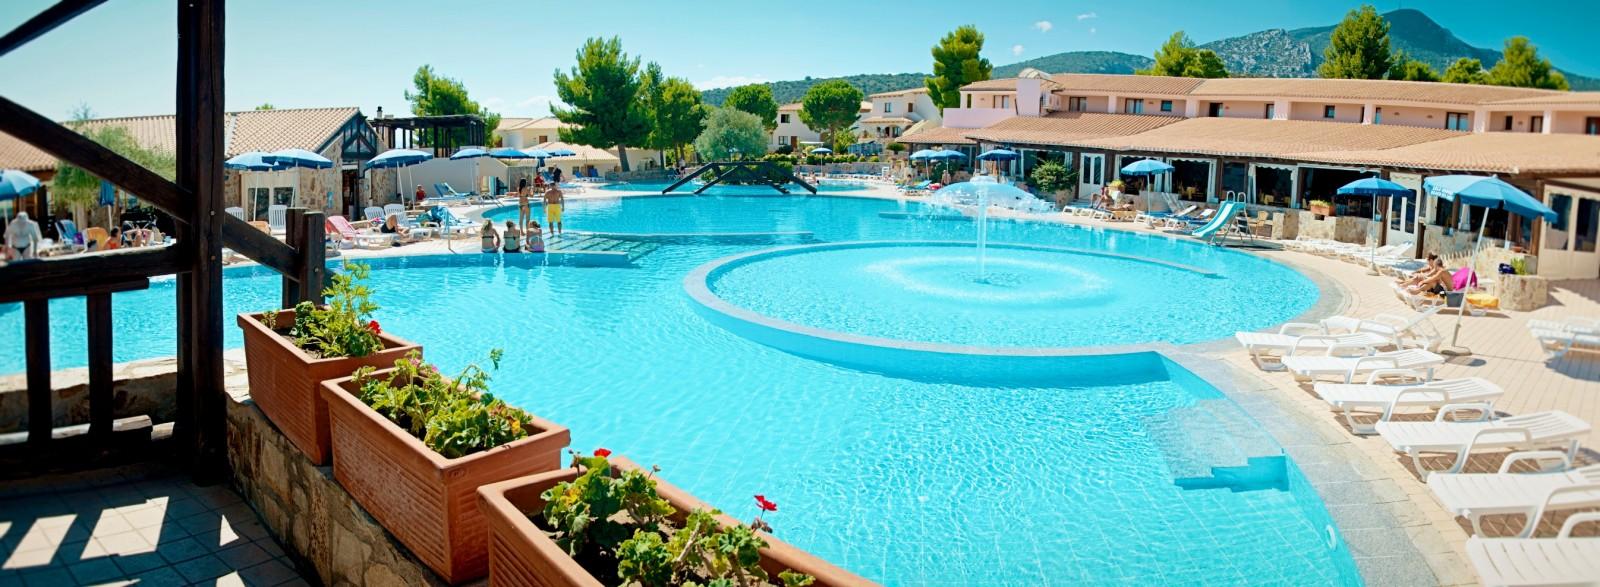 calagonone piscina